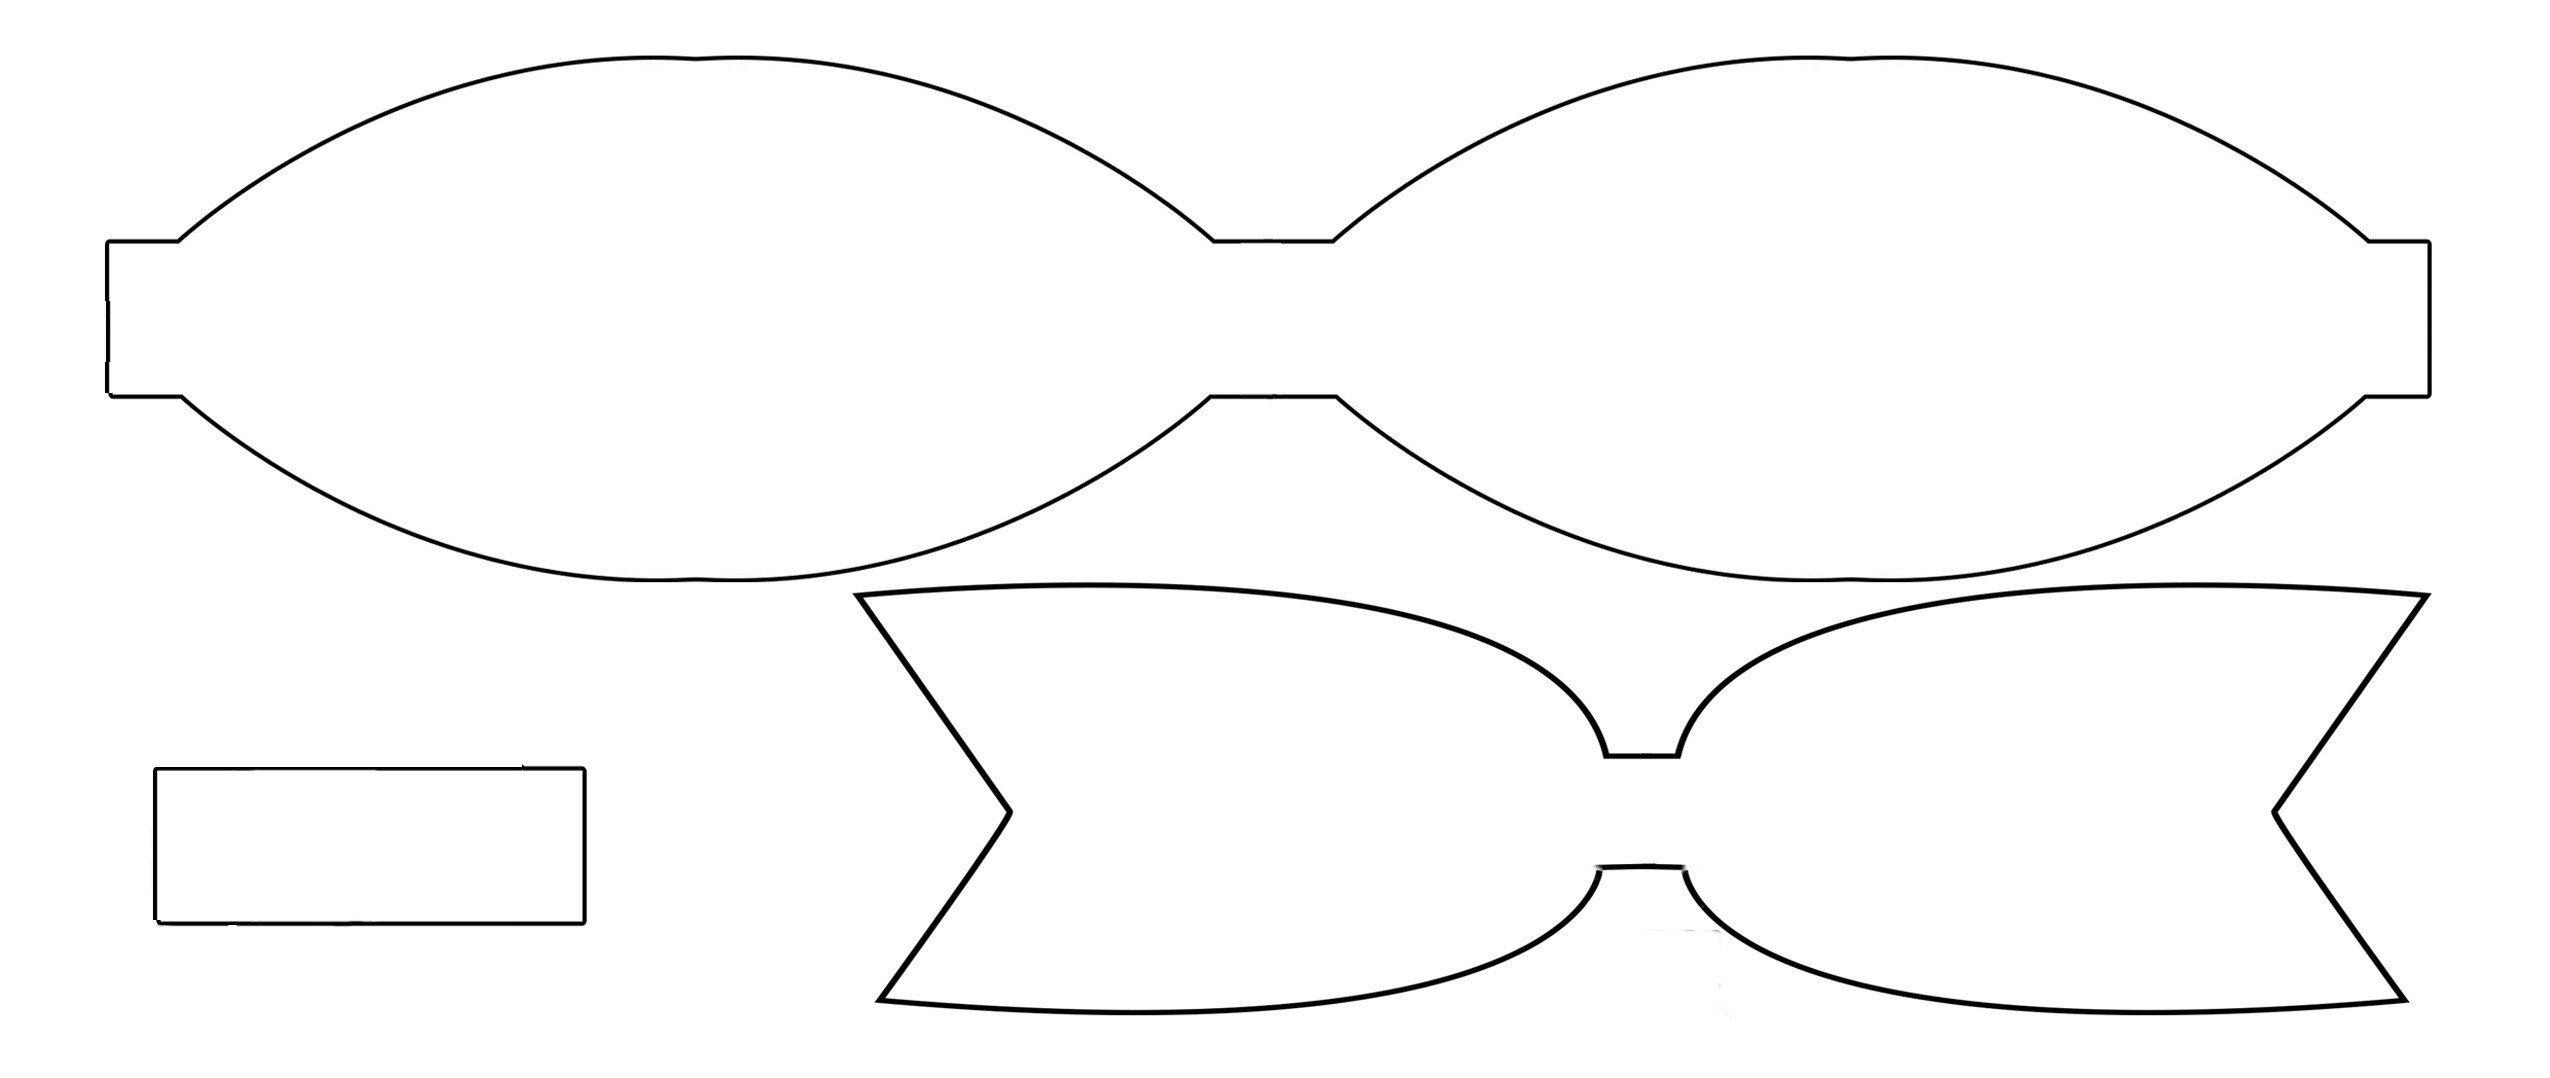 Paper Bow Tie Template Paper Bow Tie Template Printable – Ezzy